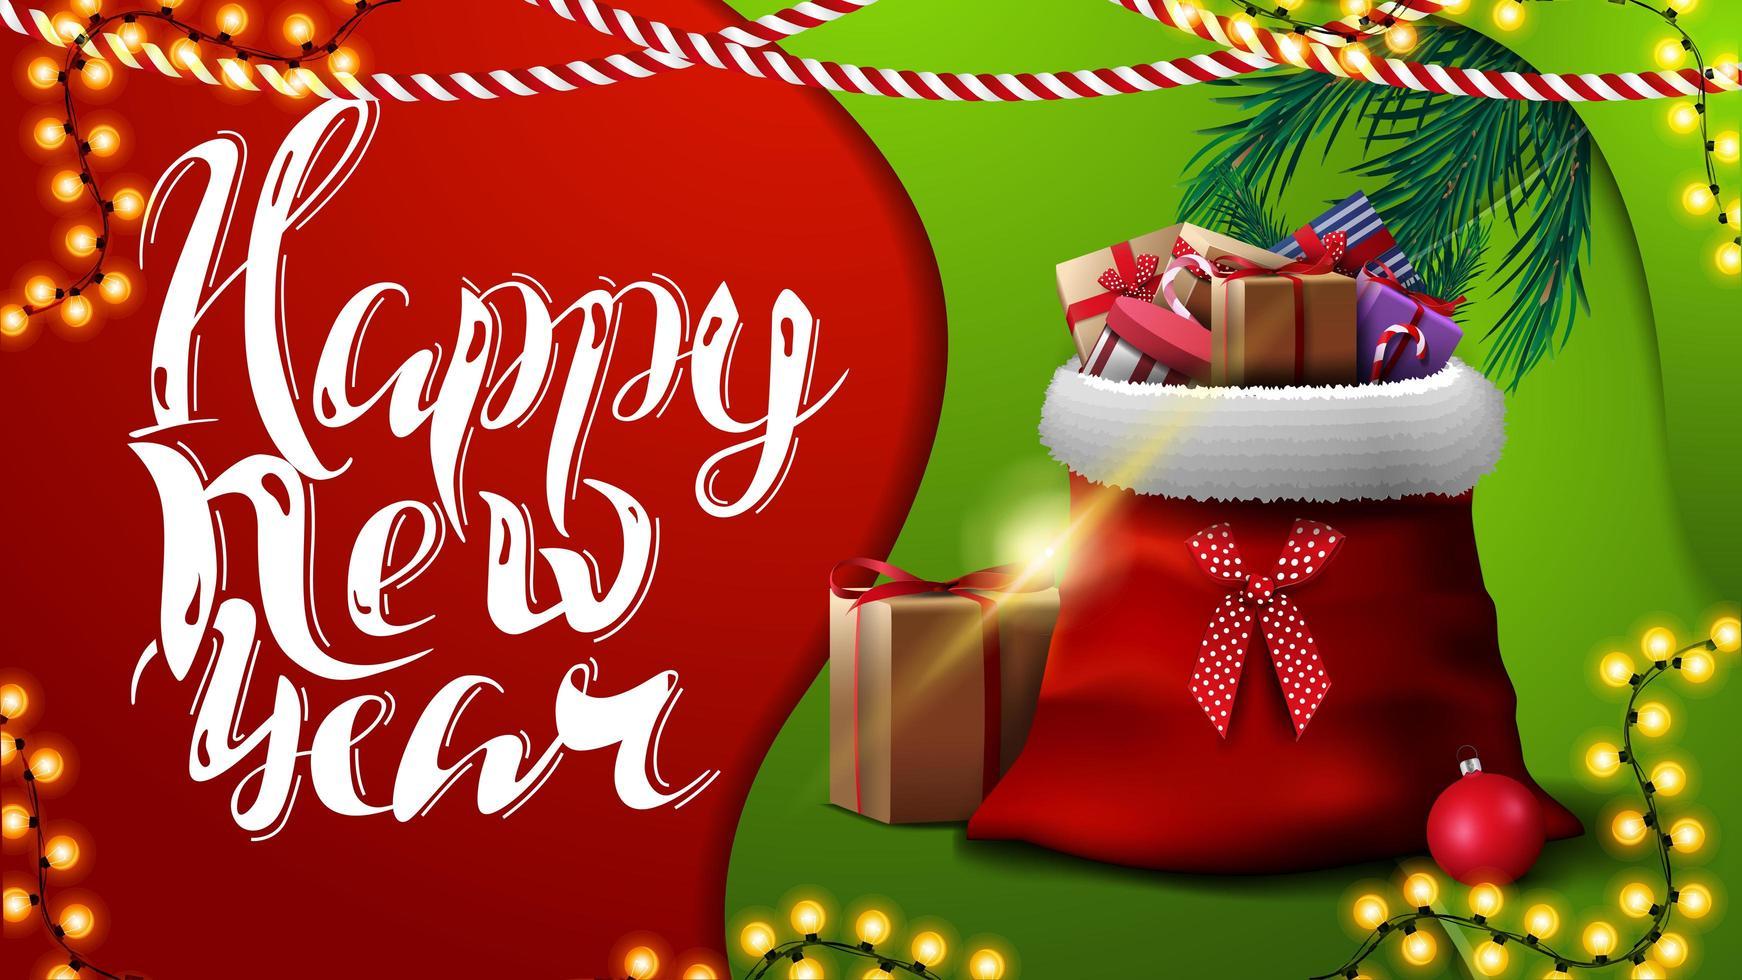 gelukkig nieuwjaar, rode en groene wenskaart in materiaalontwerpstijl met slingers en kerstmanzak met cadeautjes vector